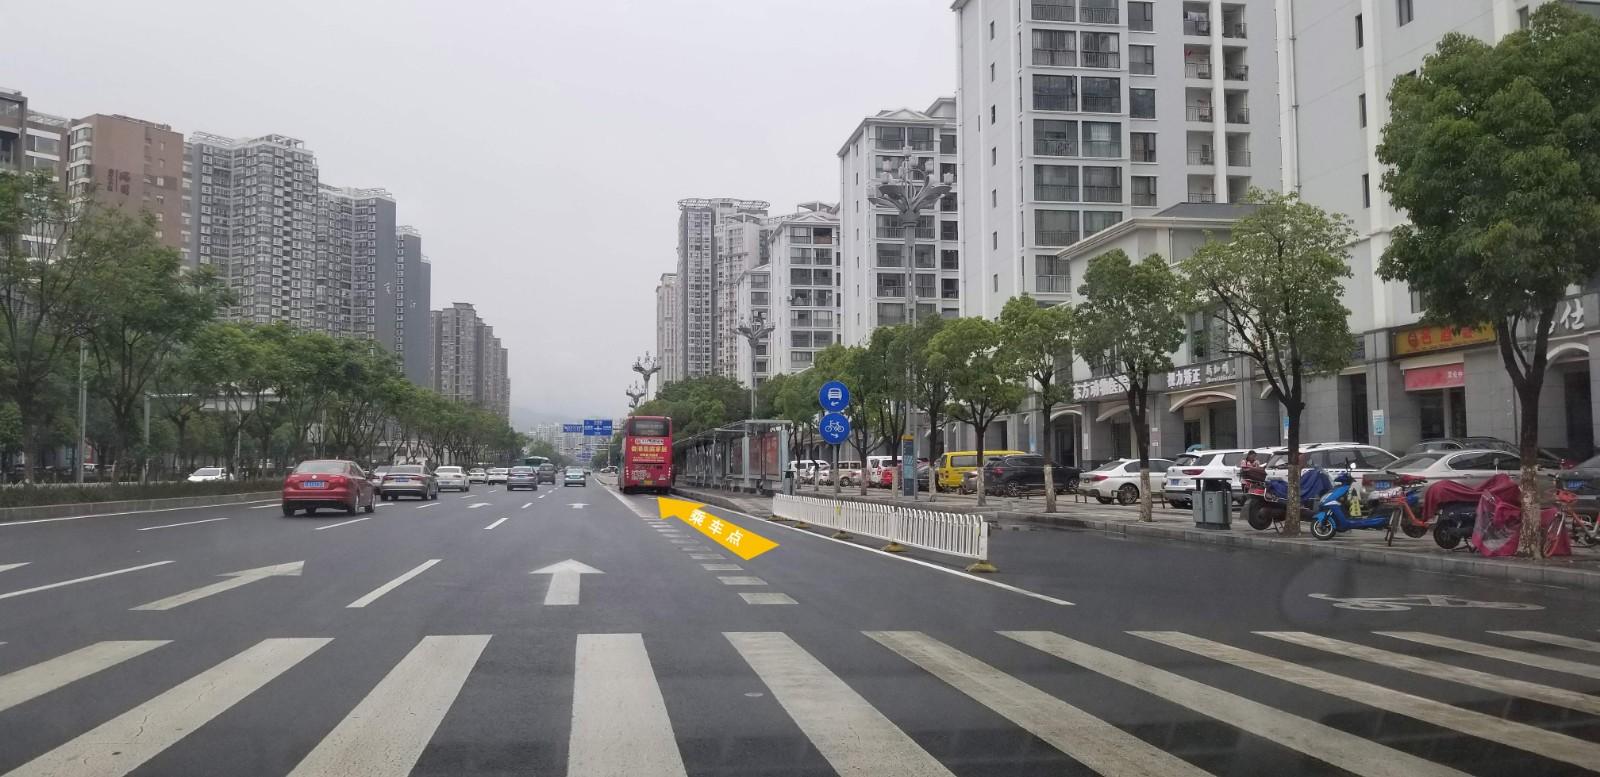 13北线-金江小区.jpg